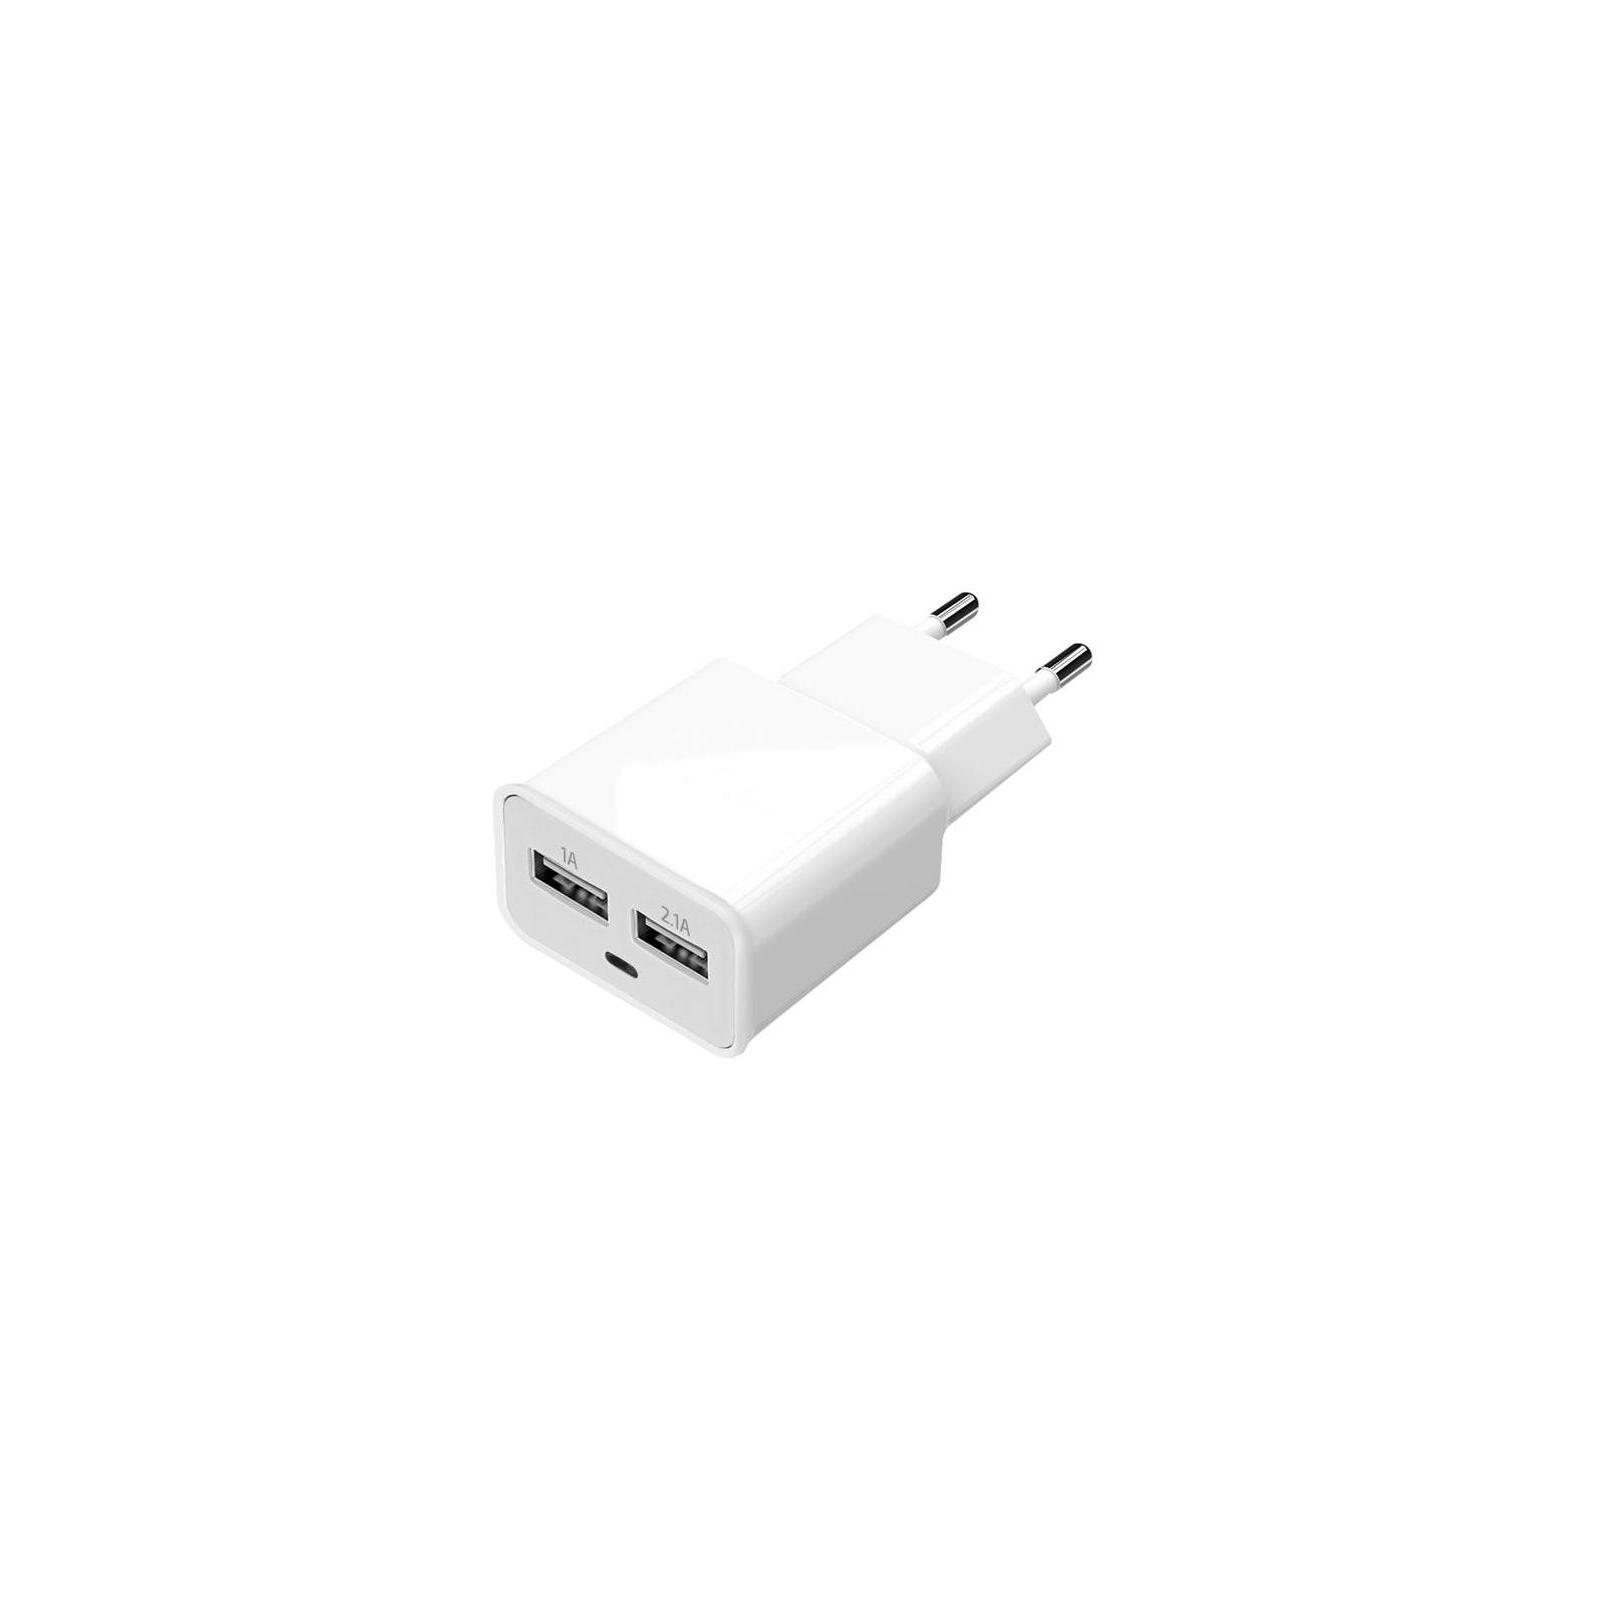 Зарядное устройство Florence 2*USB, 2.0A white (FW-2U020W)